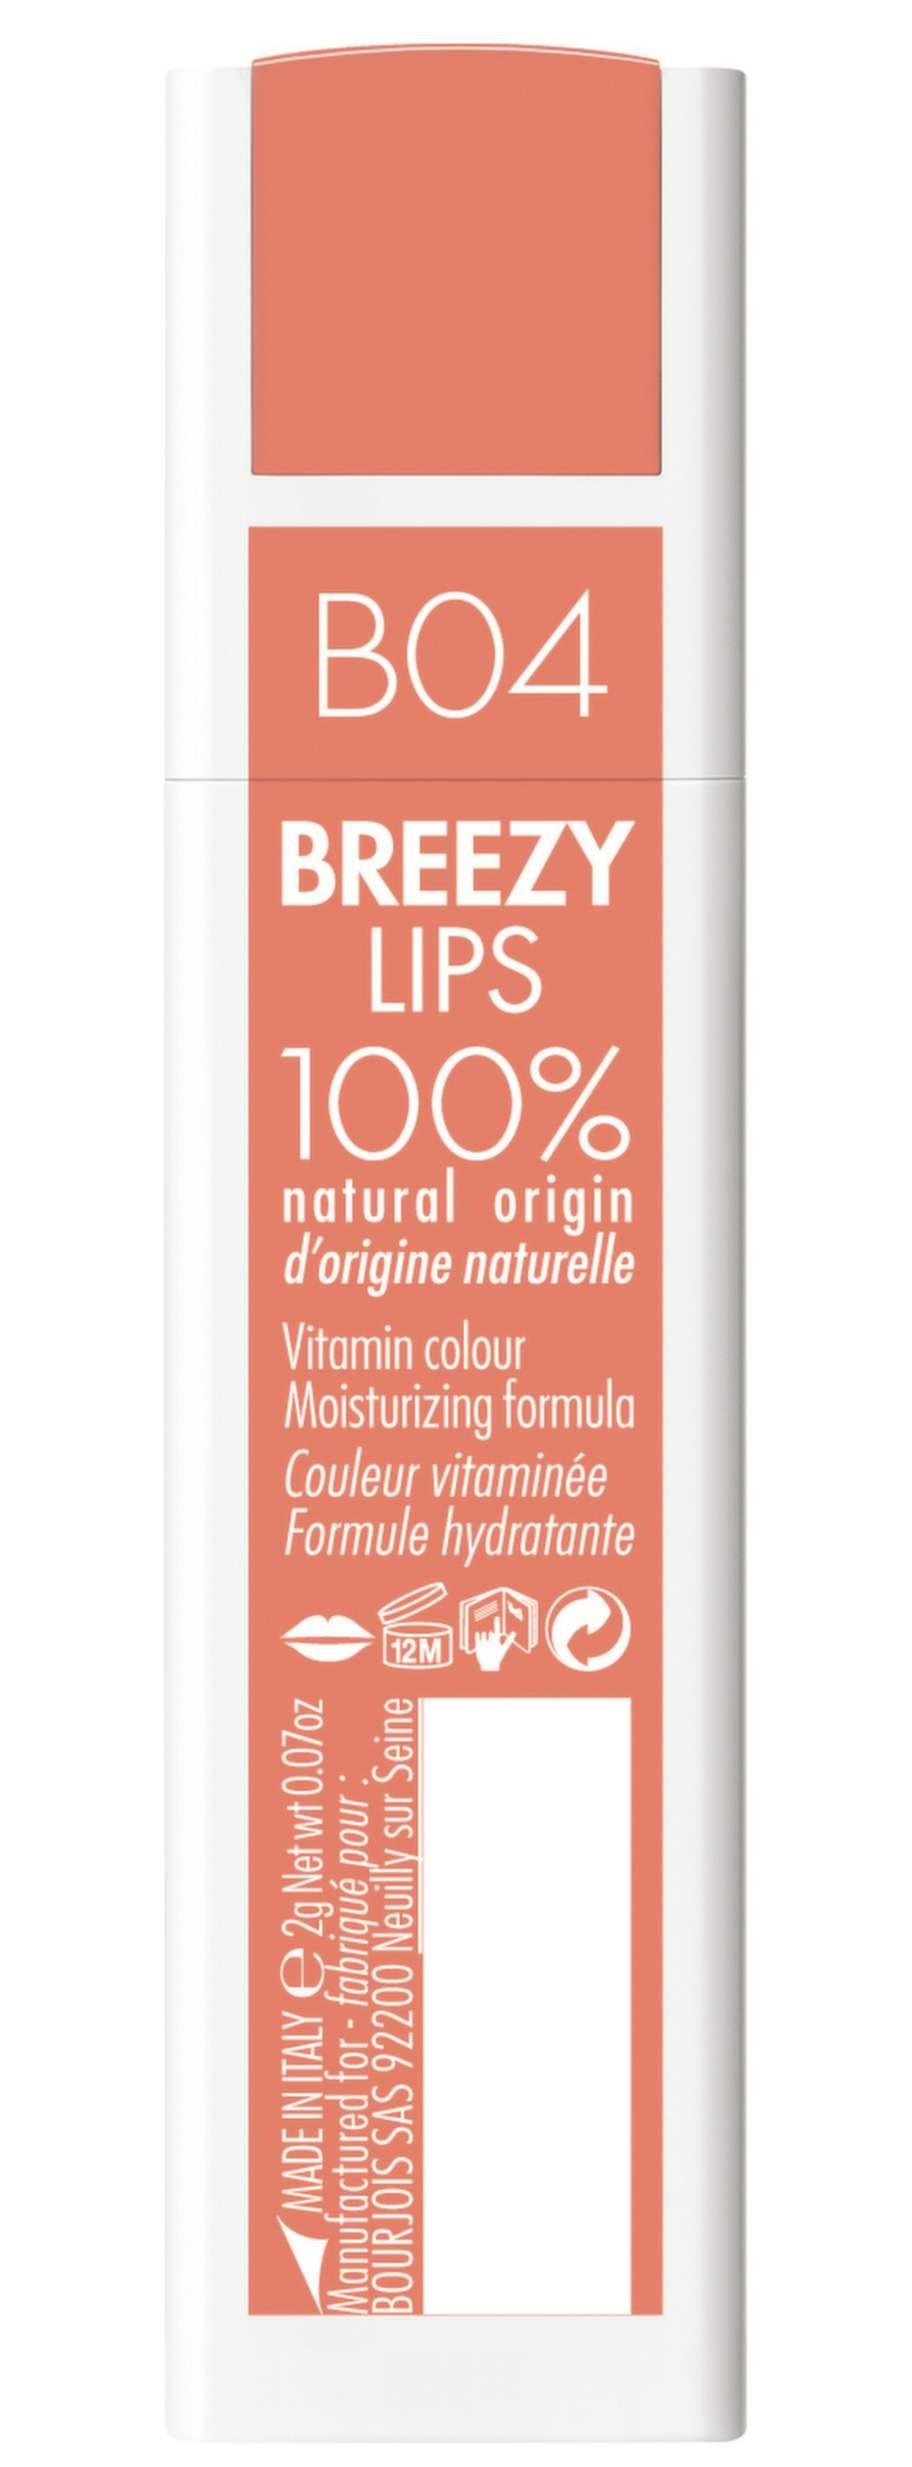 Snygg pussmun<br>Torra sommarläppar behöver fukt och varför inte också färg? Dessa innehåller vårdande sheasmör och solrosolja och lovar fukt länge! Une, Breezy lips balm hittar du på Åhléns.